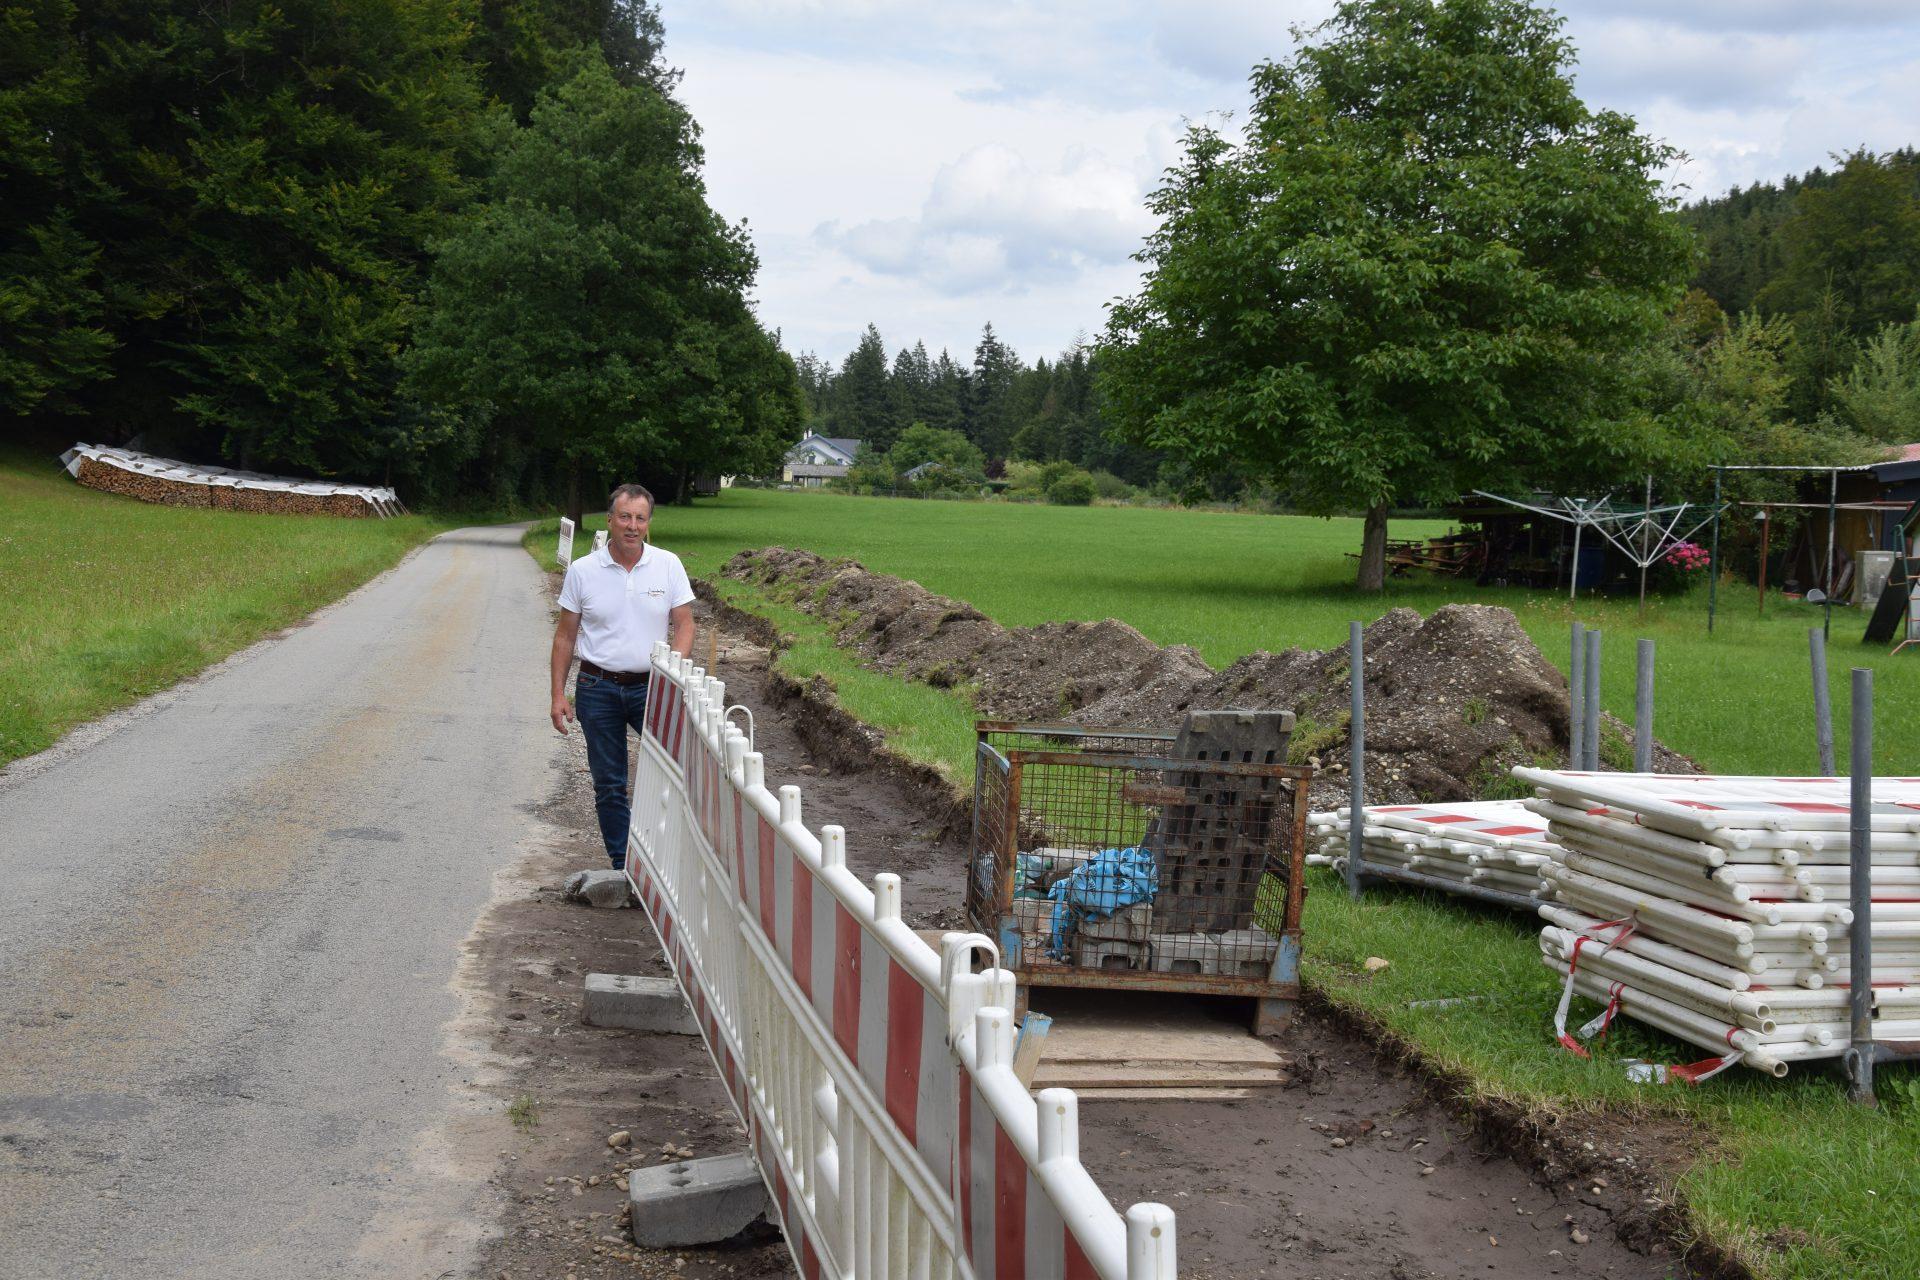 Dieses Bild zeigt die Bauarbeiten im Zuge der Verlängerung der Wasserleitung in der Bradirn.